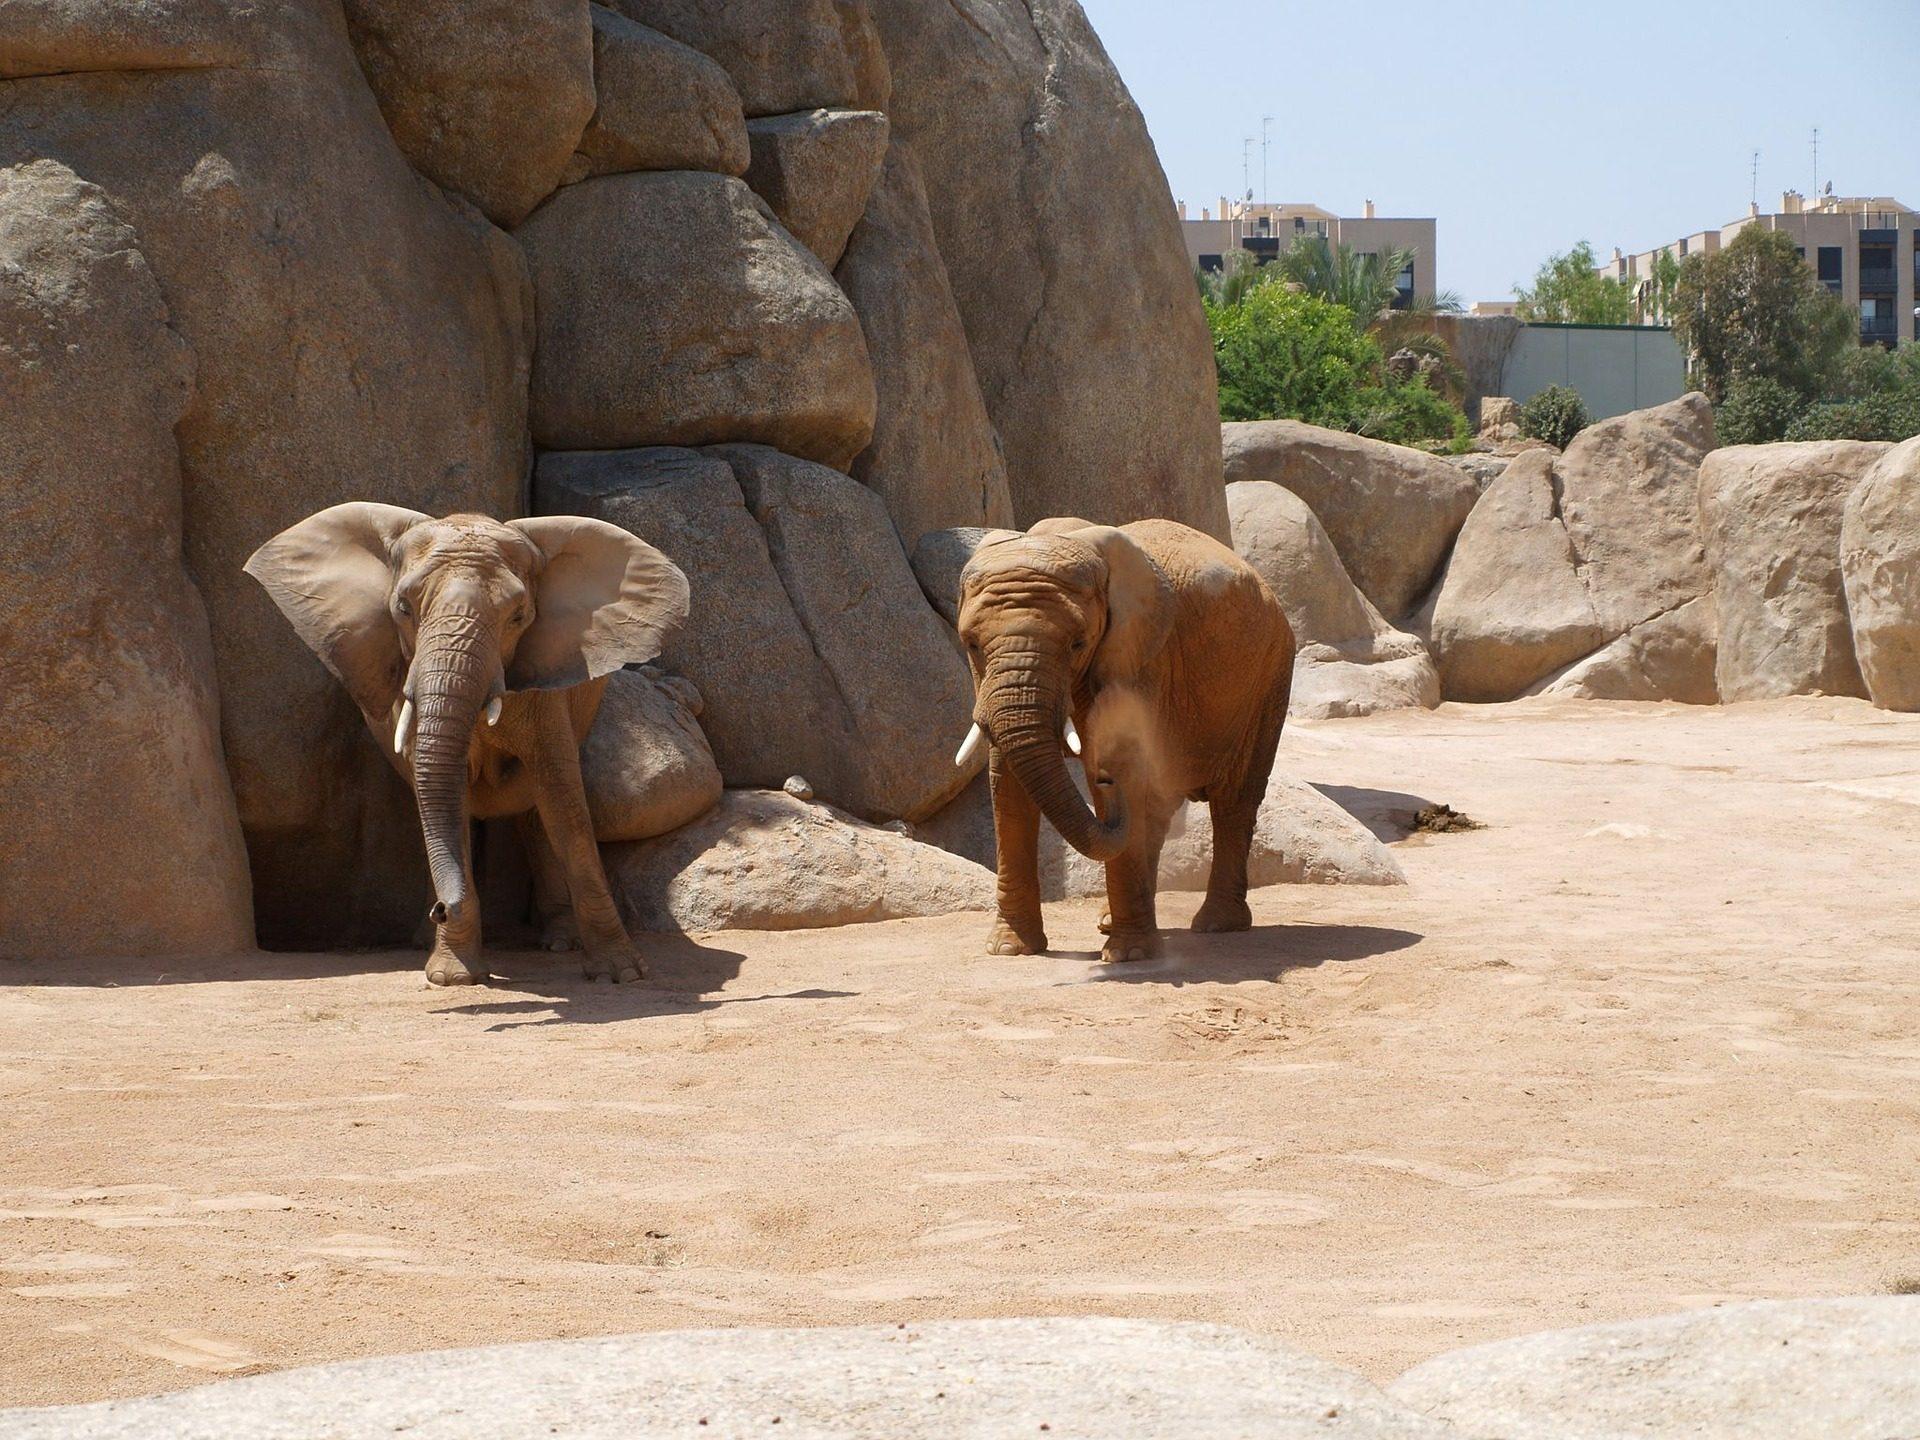 elefantes, colmillos, paquidermos, piedras, zoo - Fondos de Pantalla HD - professor-falken.com